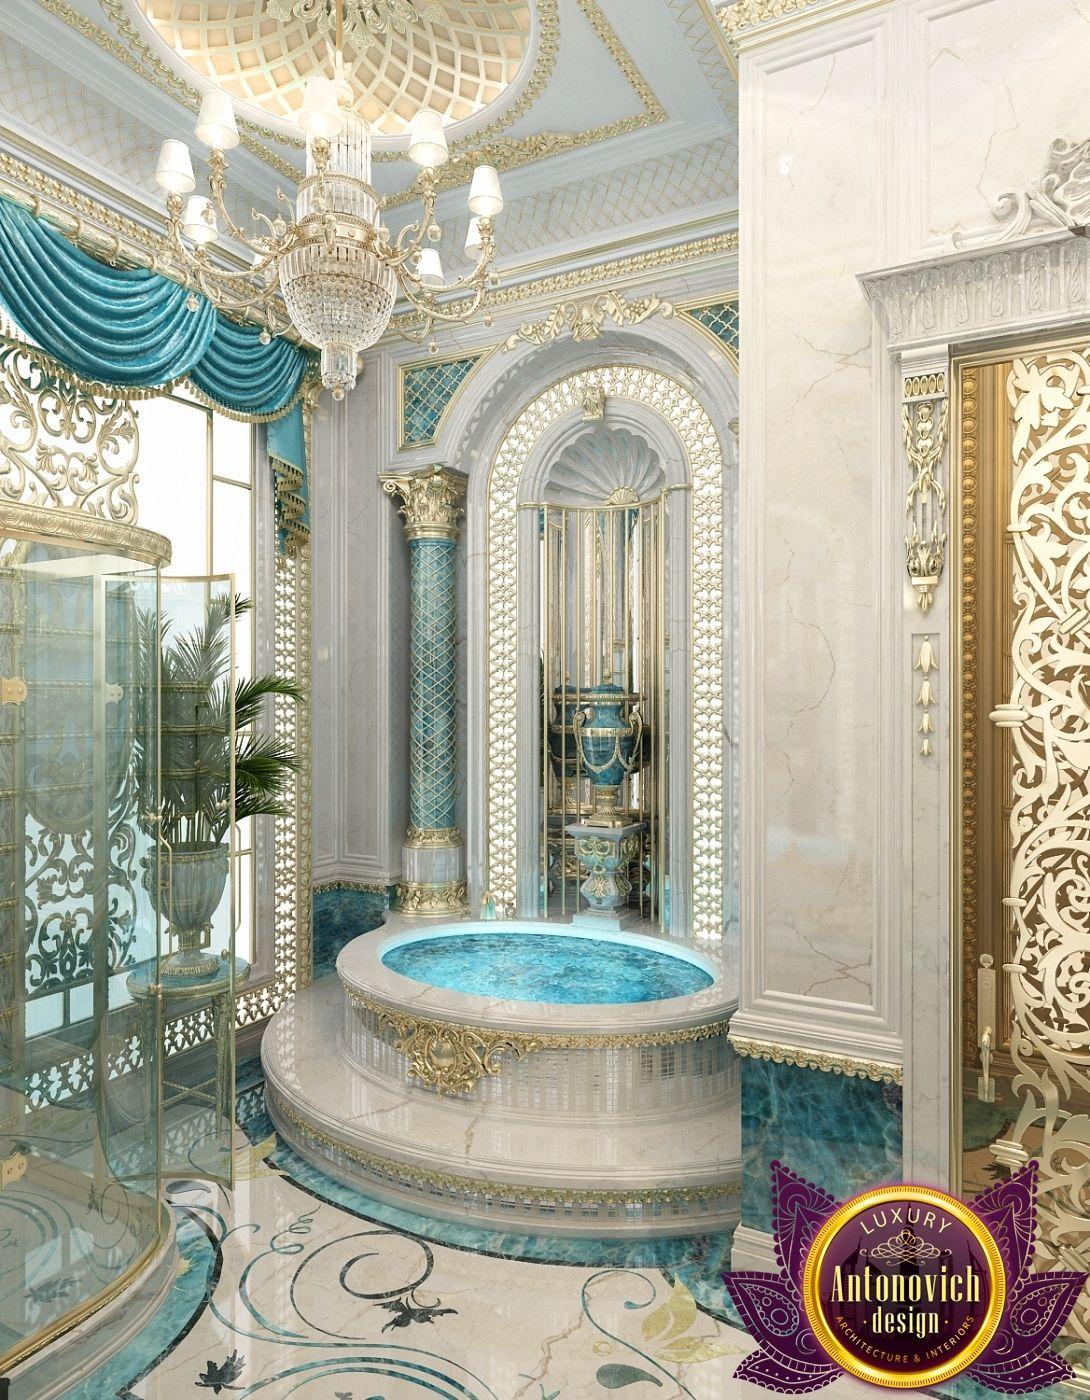 Bathroom Design in Dubai The best interior Design